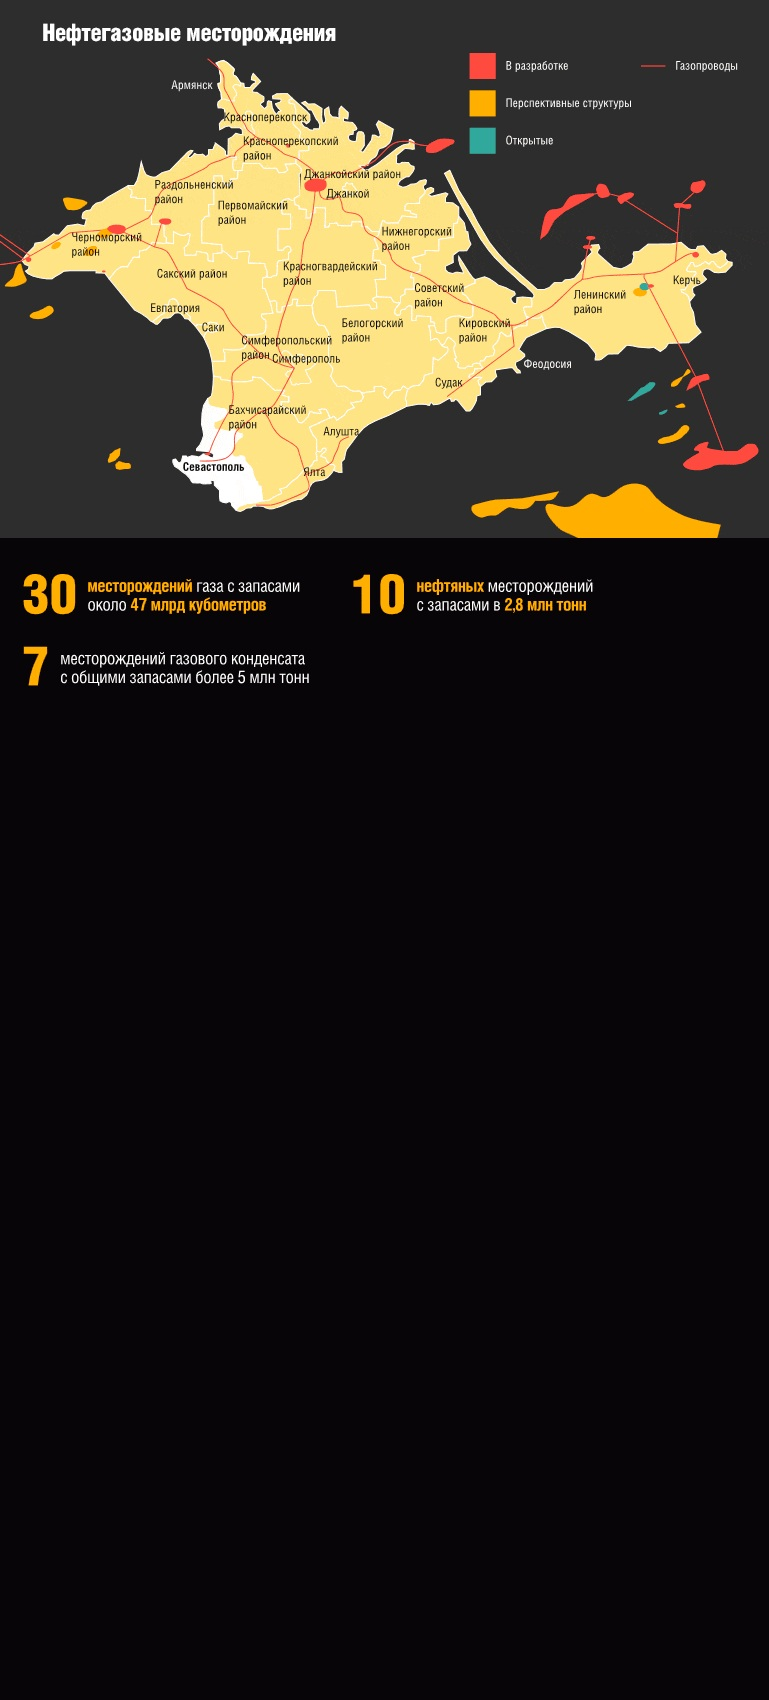 Crimea_map_data_2014_03_17_Kommersant_9_economy_oil_and_gas_Kommersant